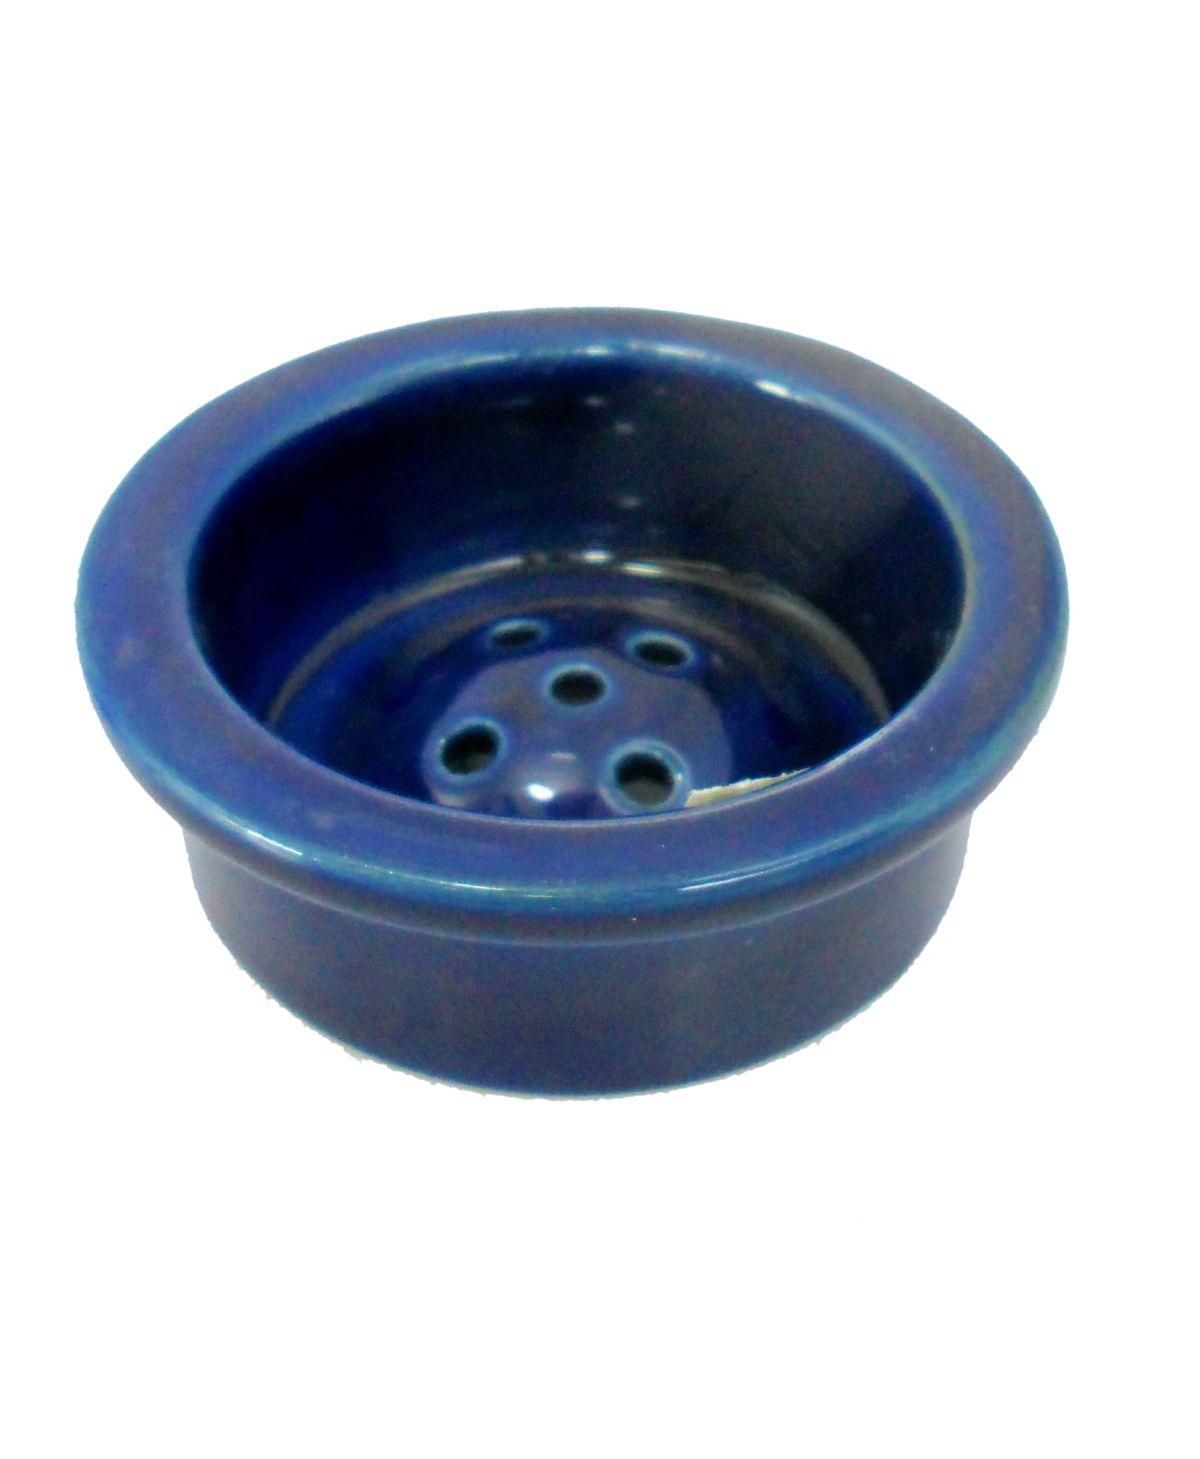 Fornilho/Rosh para narguile Mya Mikro. Azul escuro